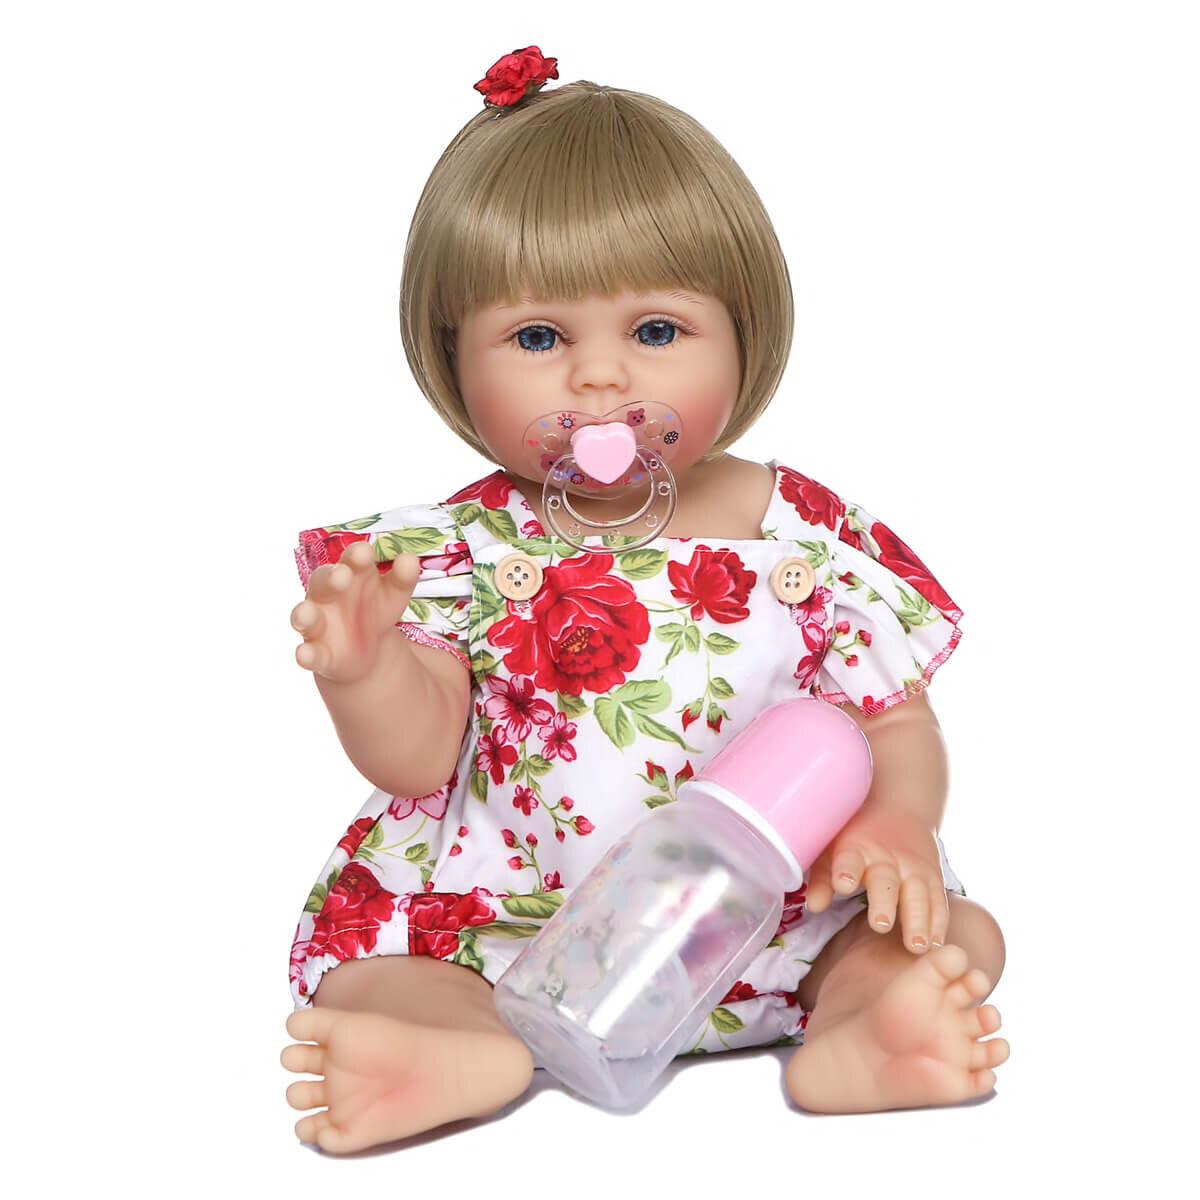 Cette poupée reborn a une tenue fleurie.